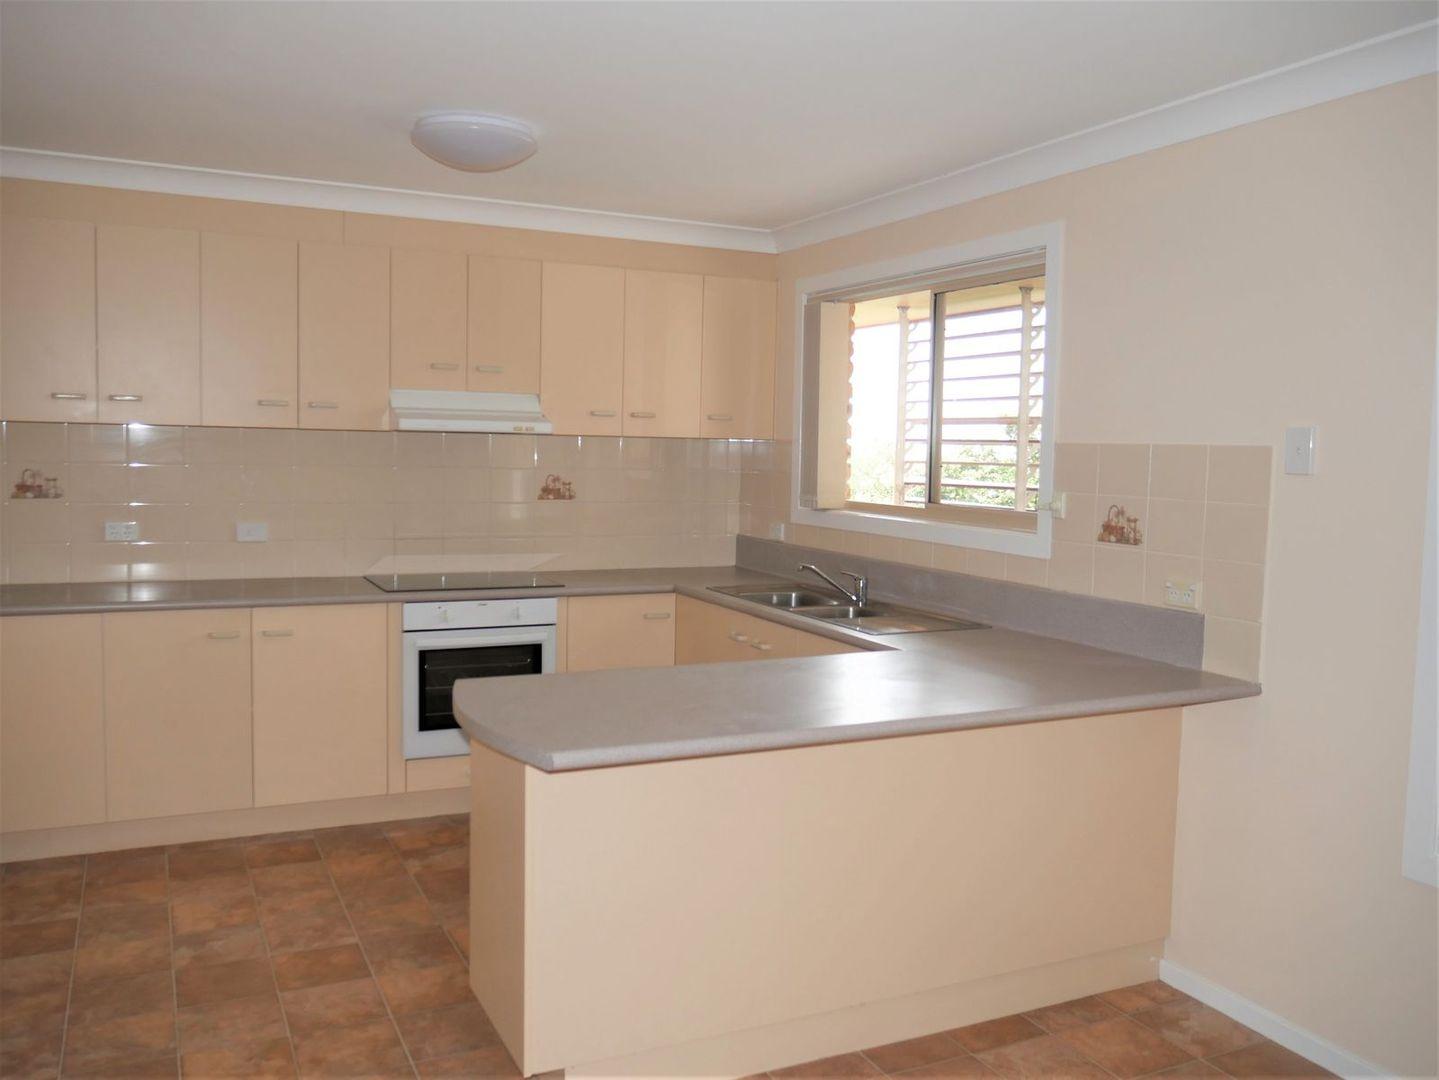 2/5 Erica Court, Goonellabah NSW 2480, Image 1